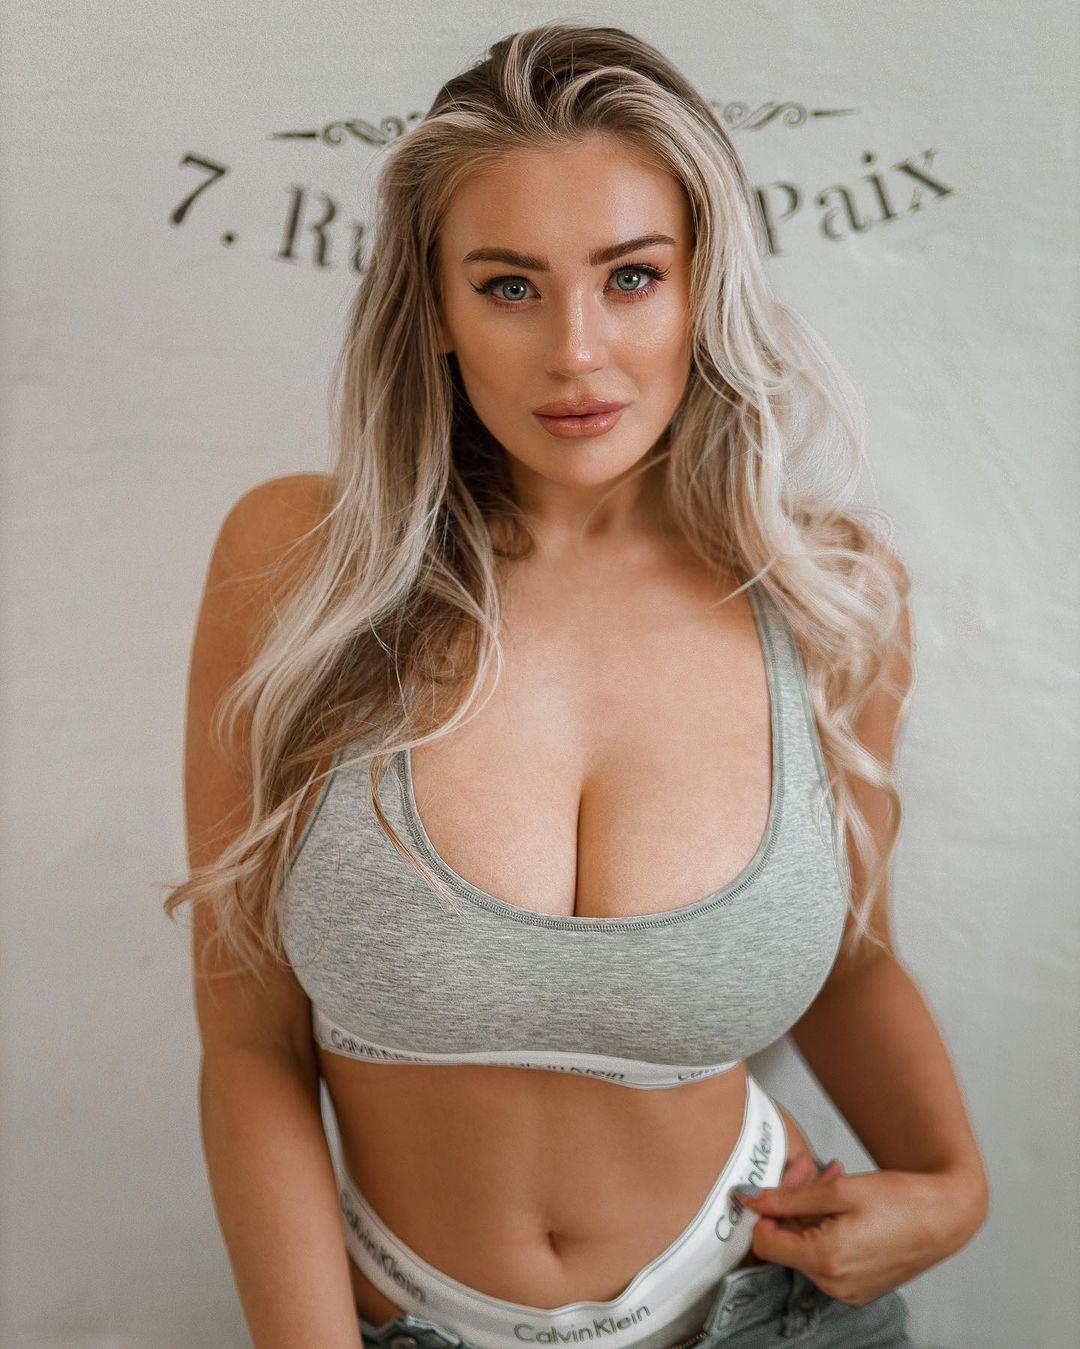 Bethany Lily April - Горячая пышногрудая модель и фанатка фитнеса 1